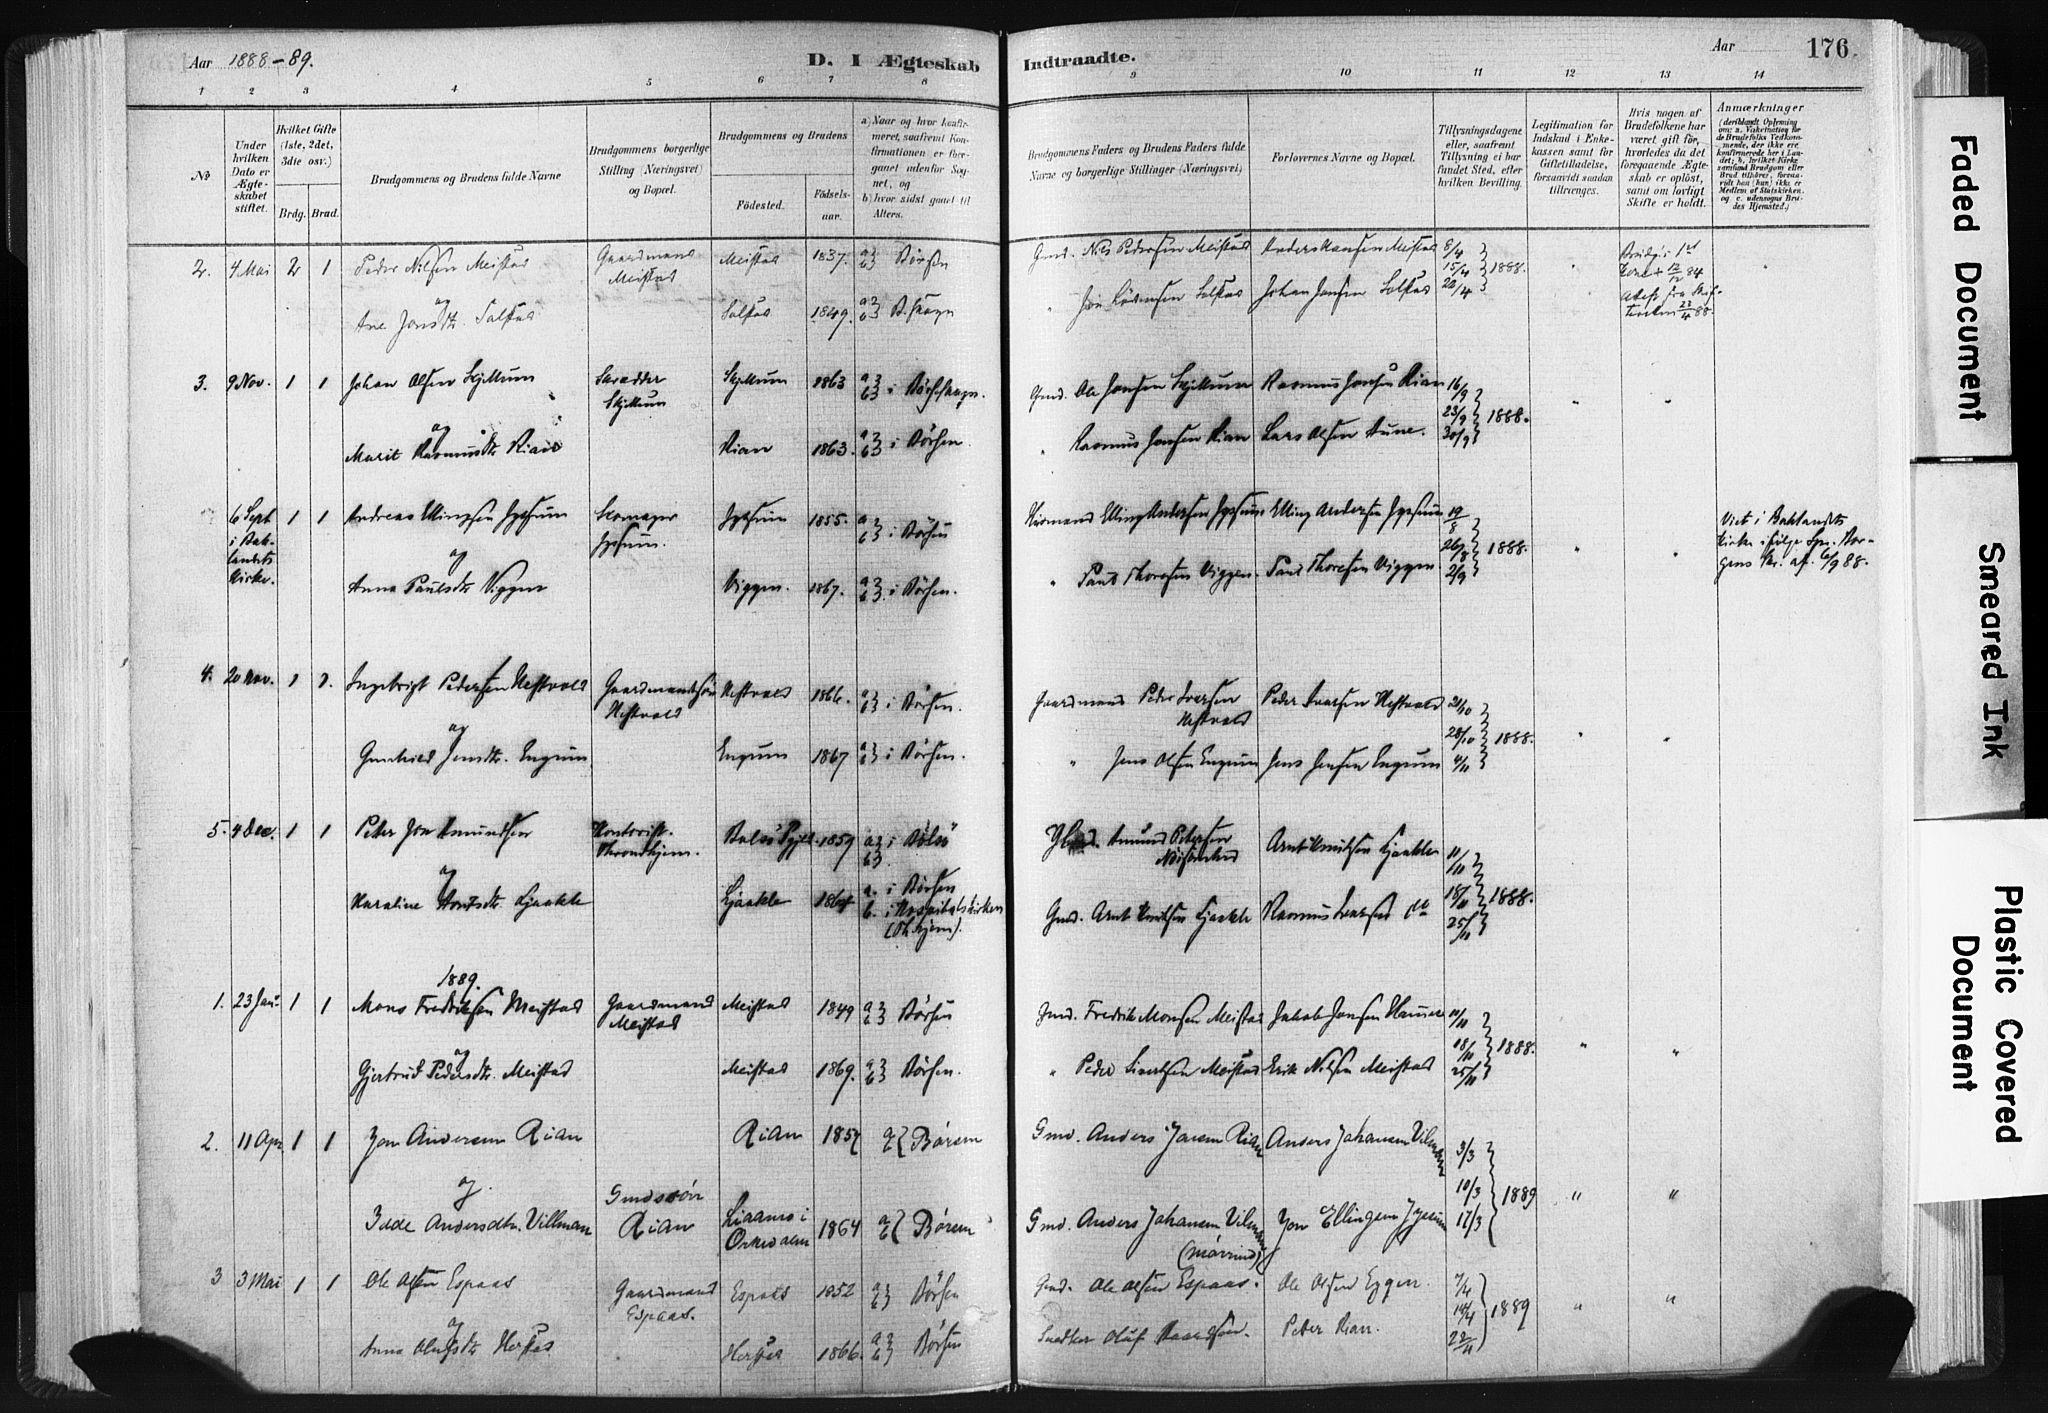 SAT, Ministerialprotokoller, klokkerbøker og fødselsregistre - Sør-Trøndelag, 665/L0773: Ministerialbok nr. 665A08, 1879-1905, s. 176